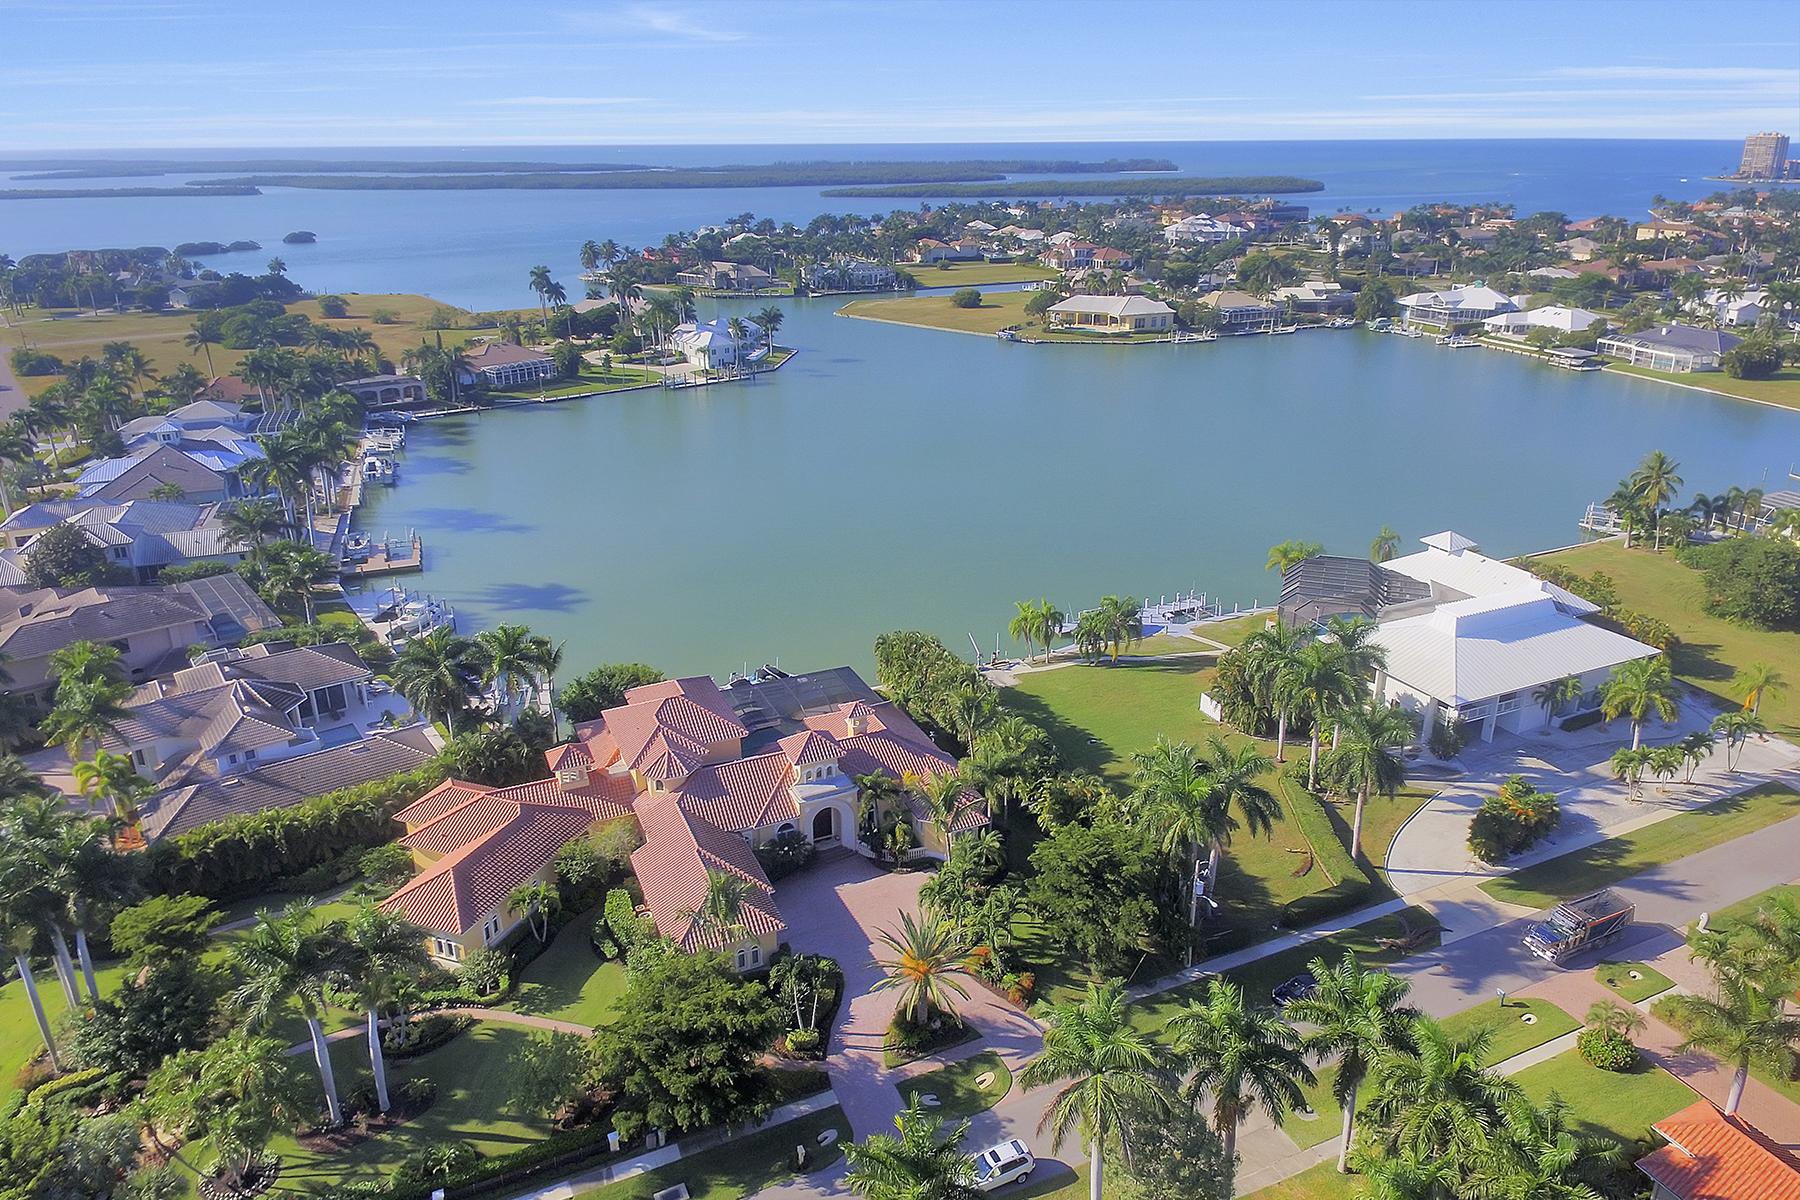 단독 가정 주택 용 매매 에 MARCO ISLAND - LUDLOW 1751 Ludlow Rd Marco Island, 플로리다, 34145 미국